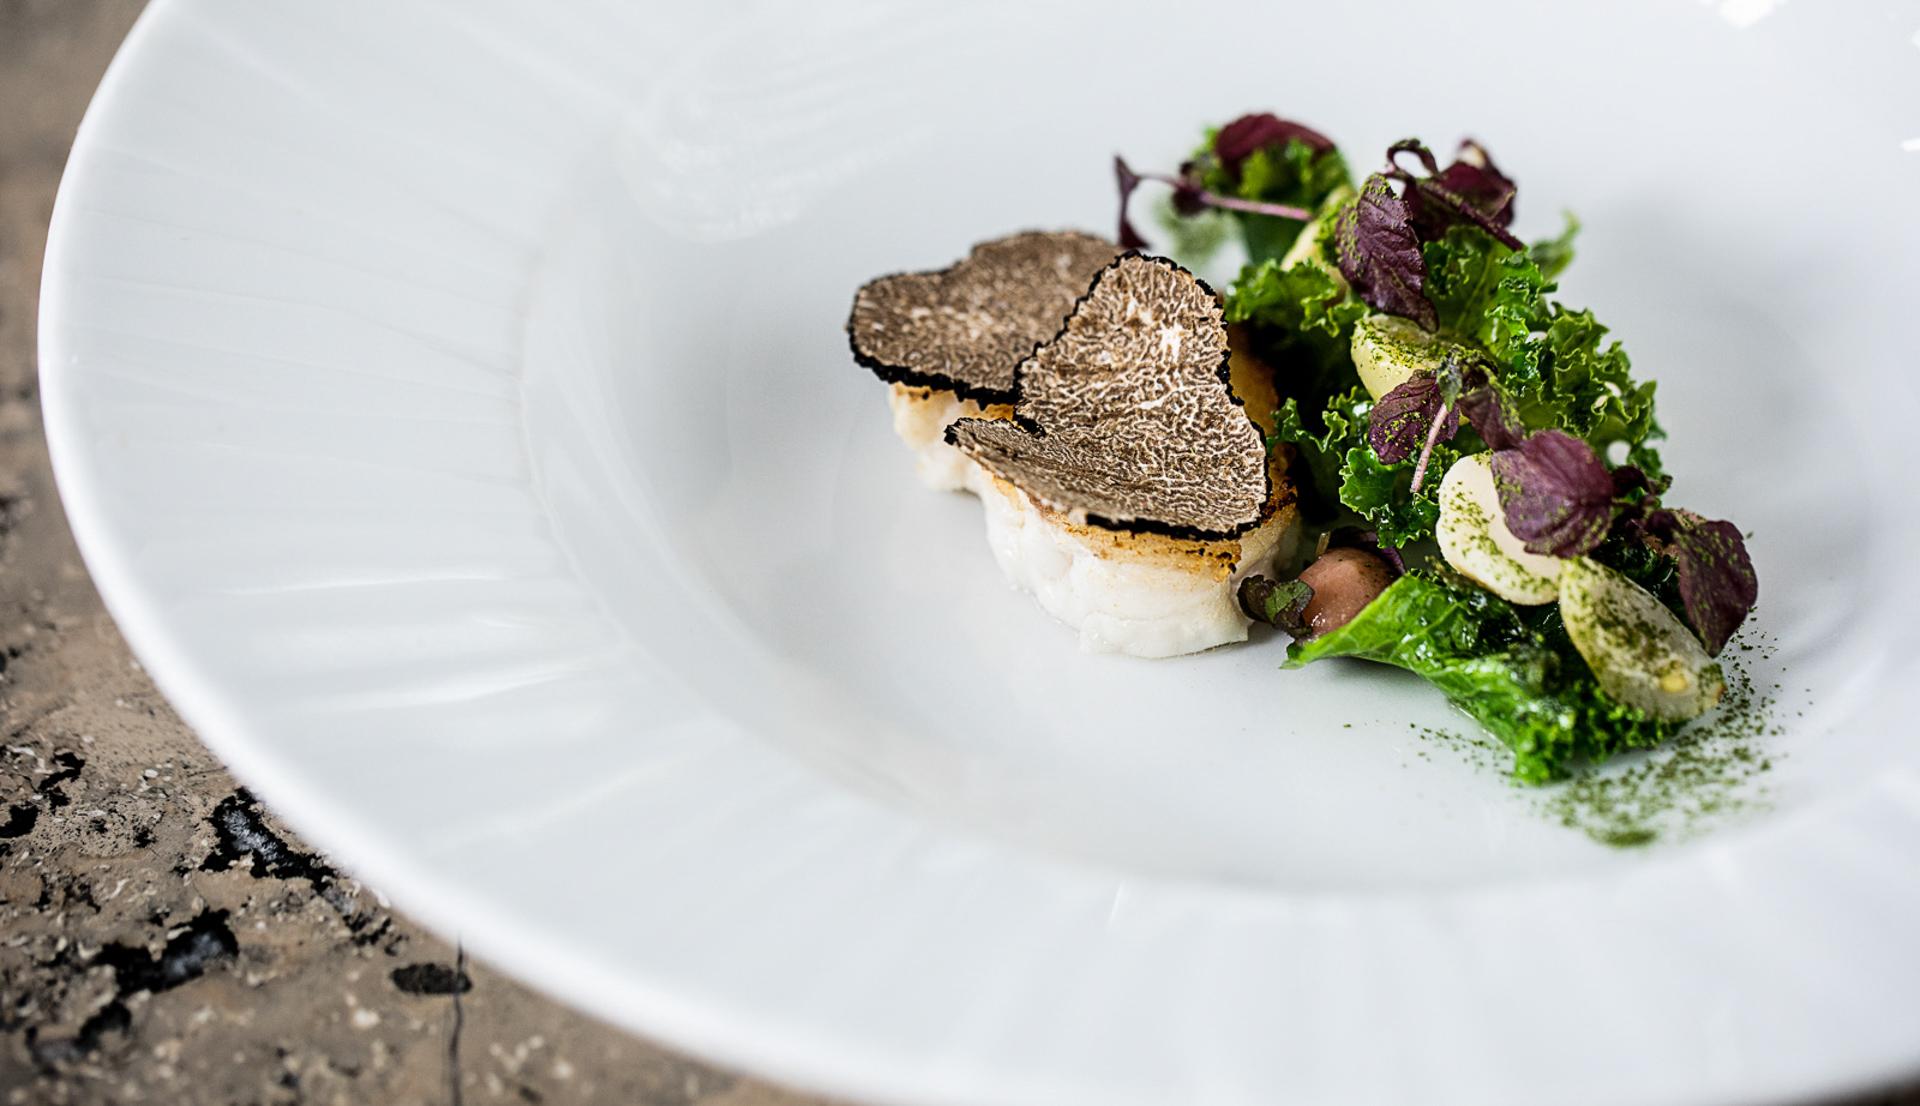 Restaurant Ghrelin og Bichel Vine: Gourmetaften i selskab med gastronomiens sorte og hvide guld